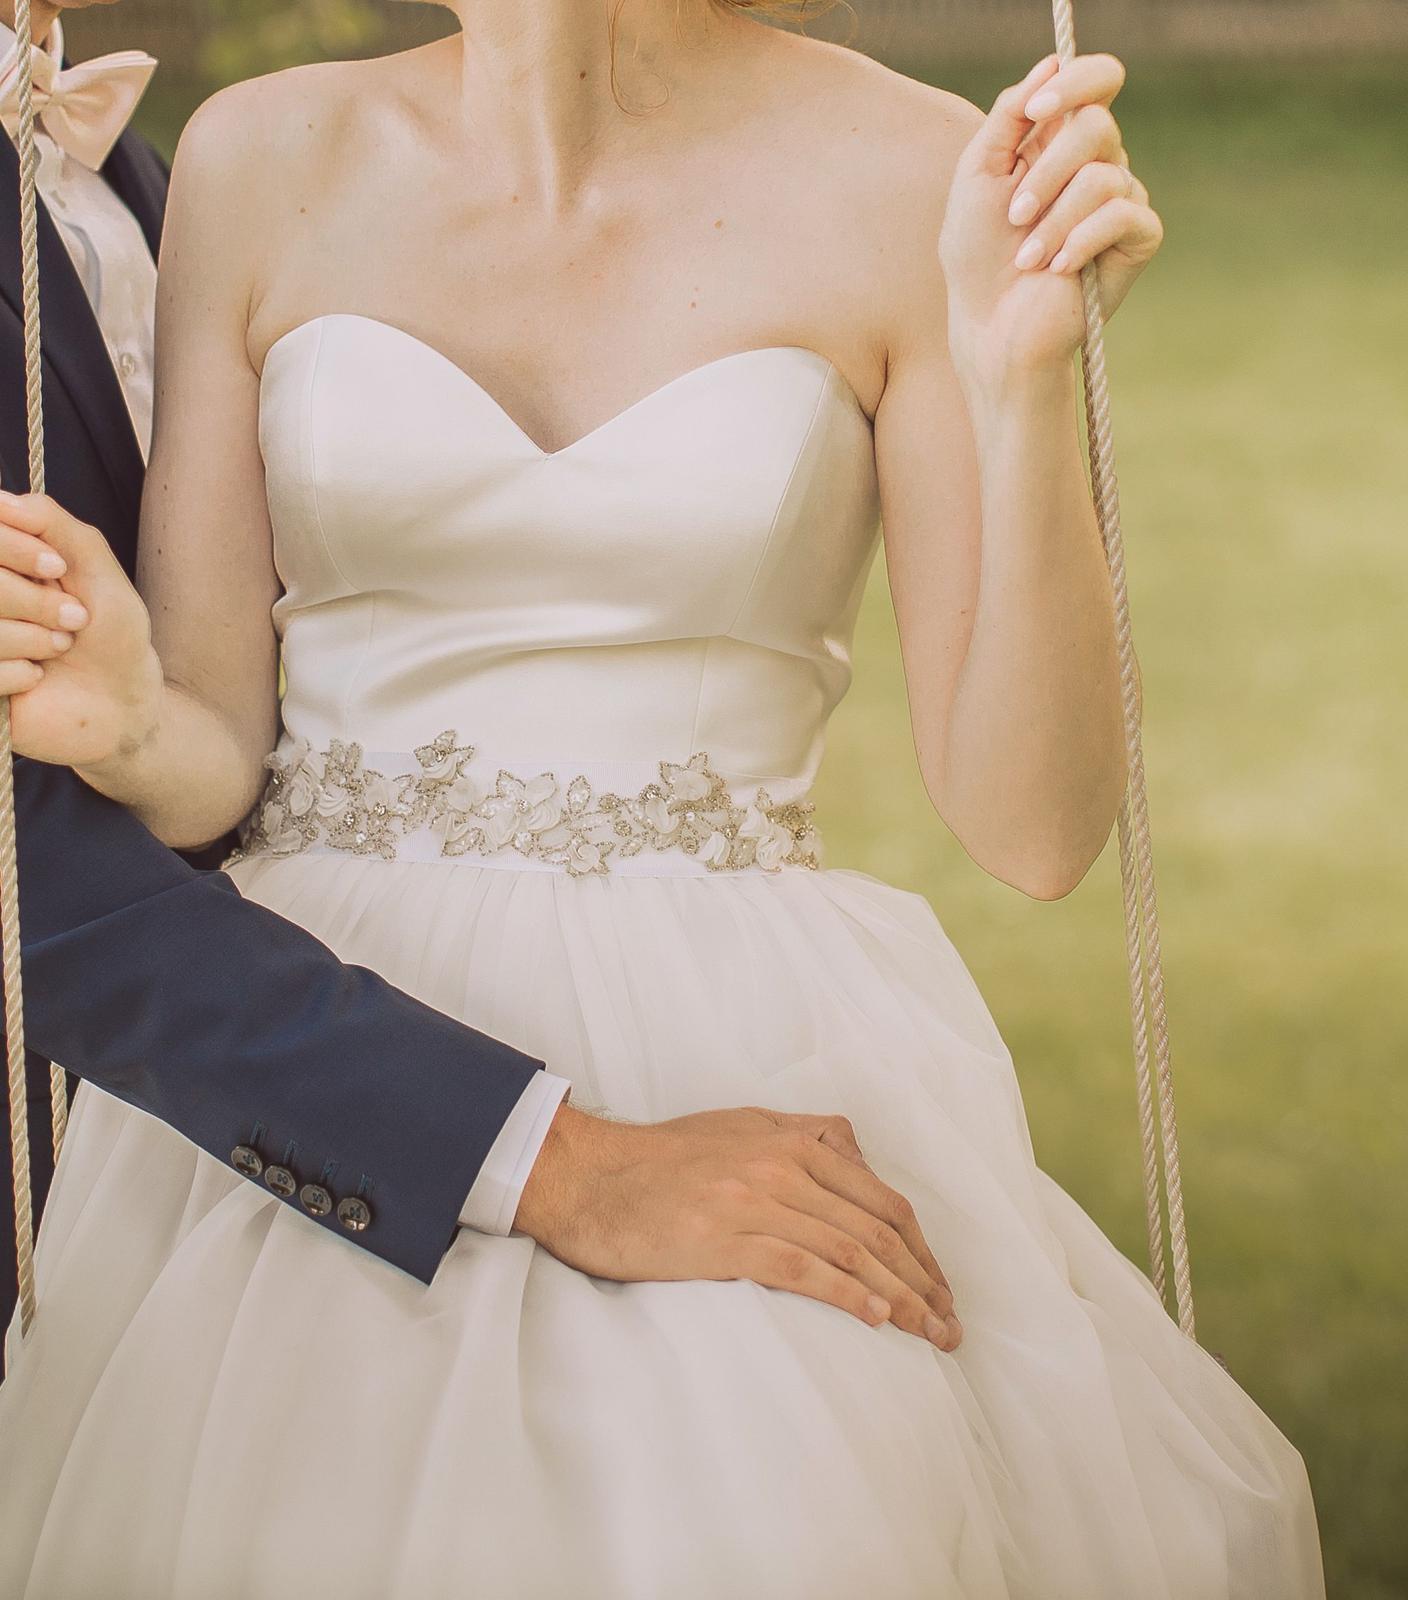 Svatební komplet - saténový korzet s tylovou sukní - Obrázek č. 1